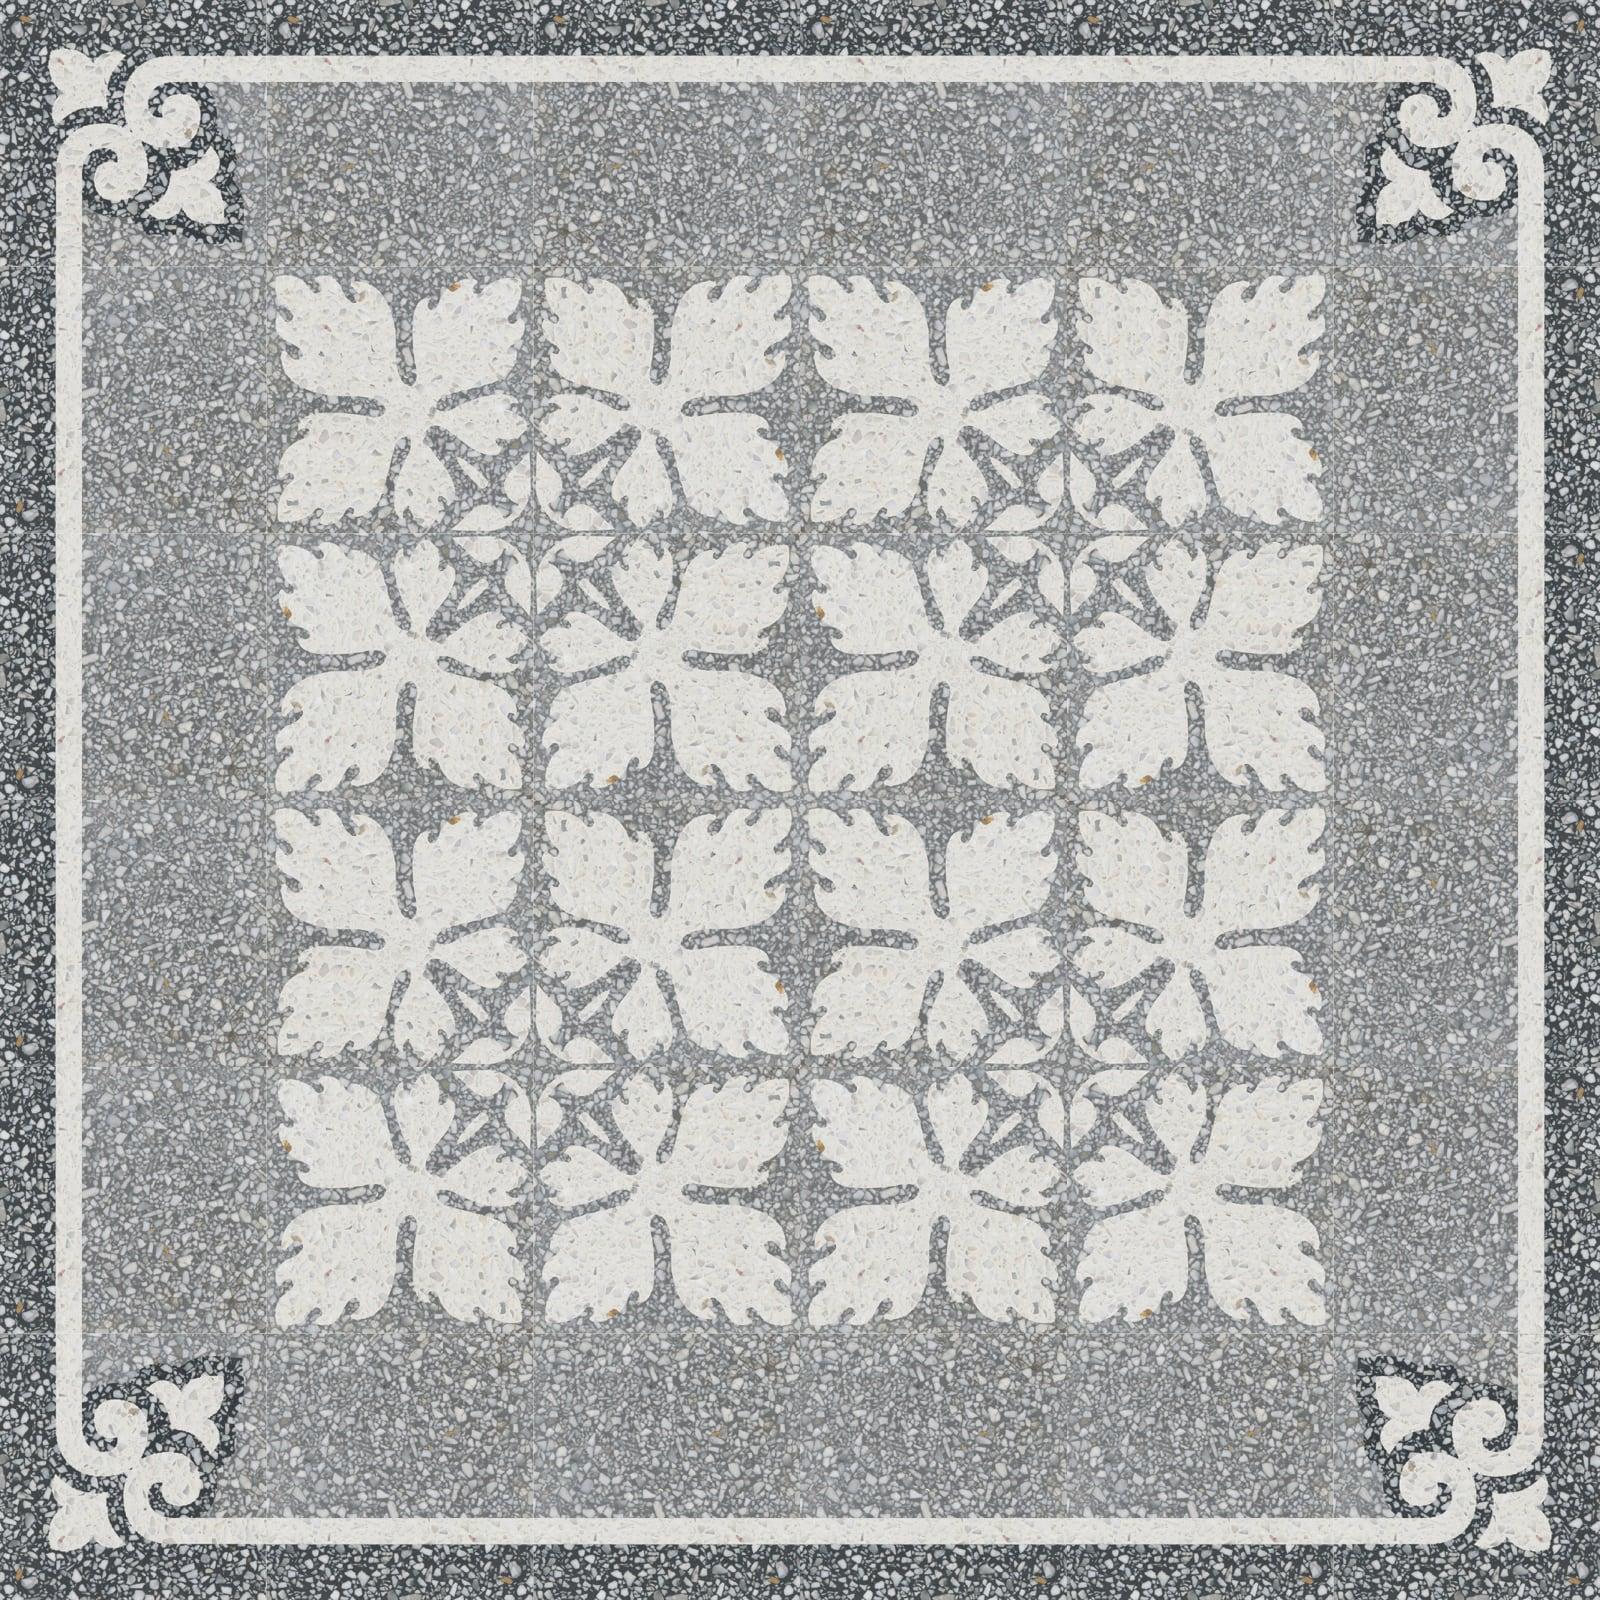 VIA Terrazzoplatte grob in grau und weiß Muster aus Blättern